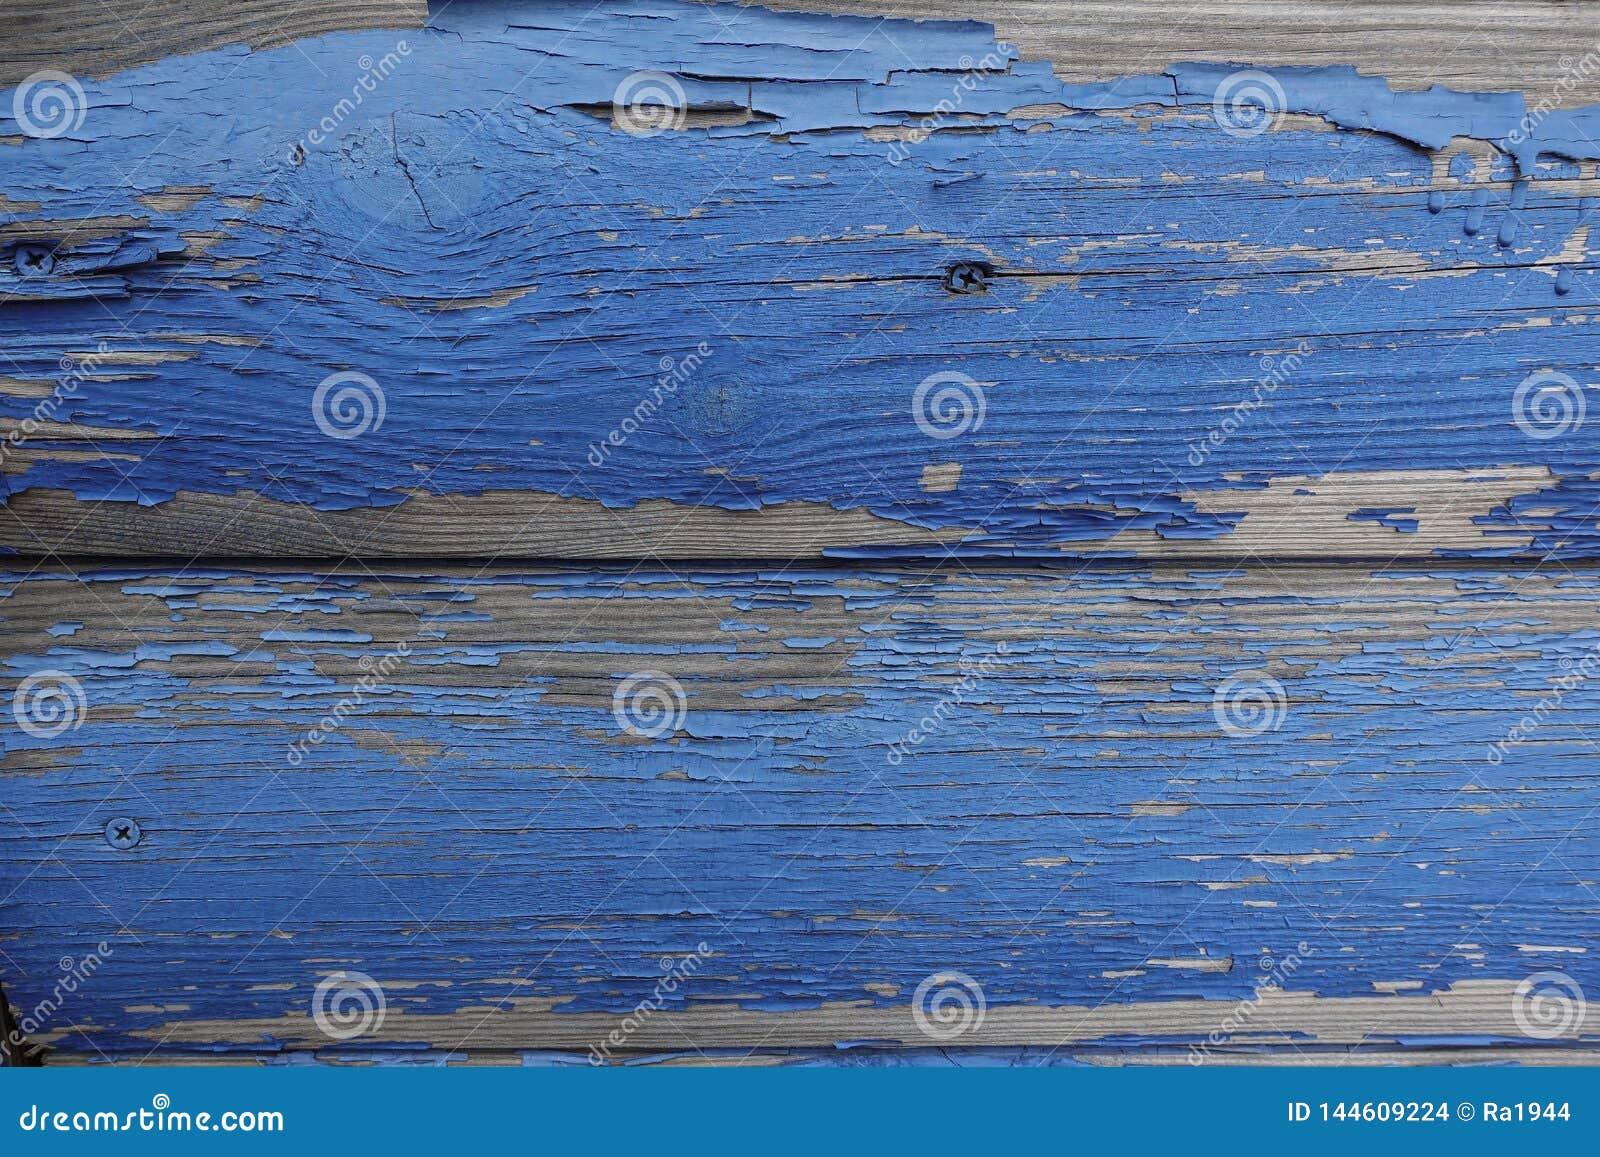 Bordi arrotondati anziani con pittura di pelatura blu Progettista astratto Background